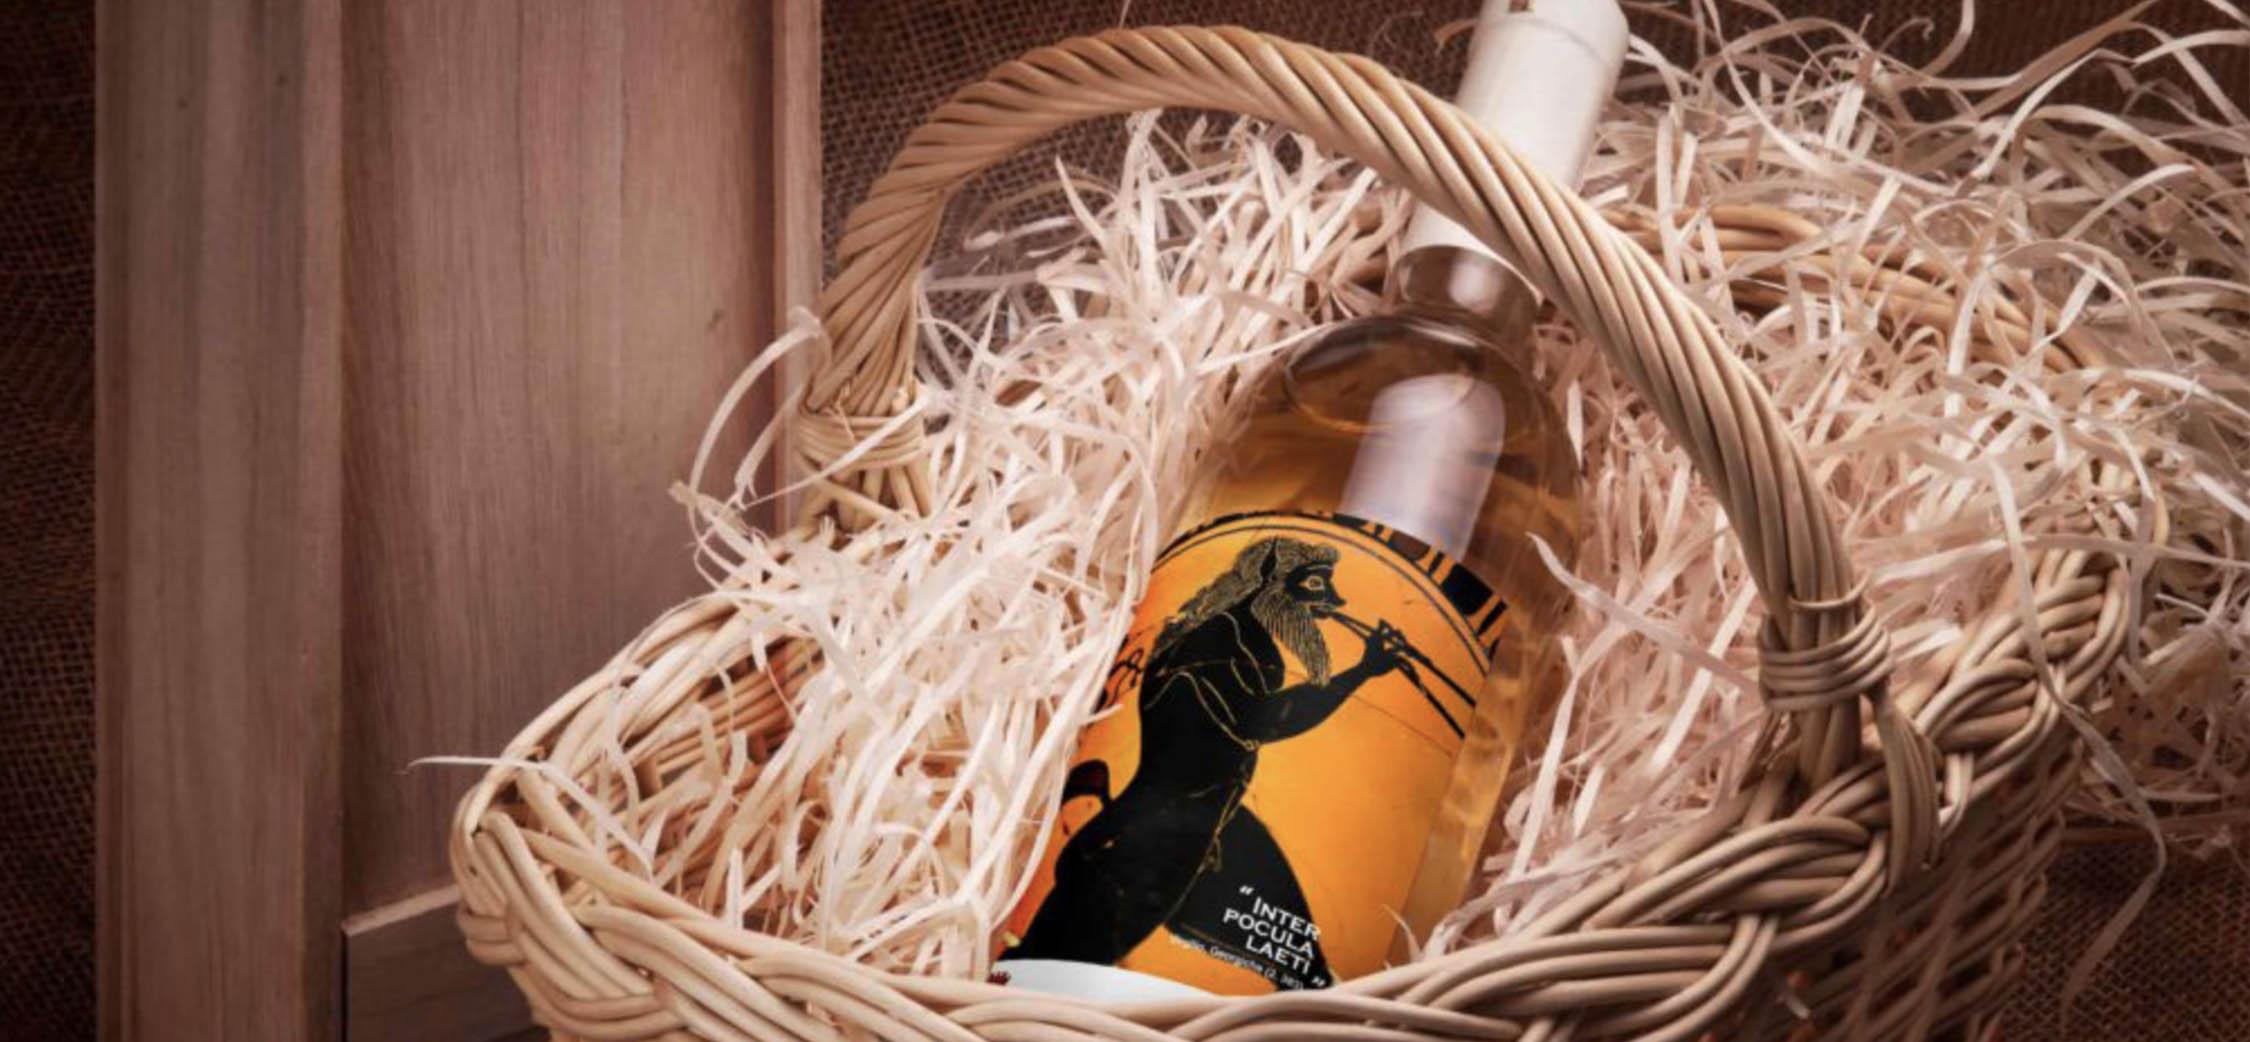 etichette vino di gabriella sorrentino